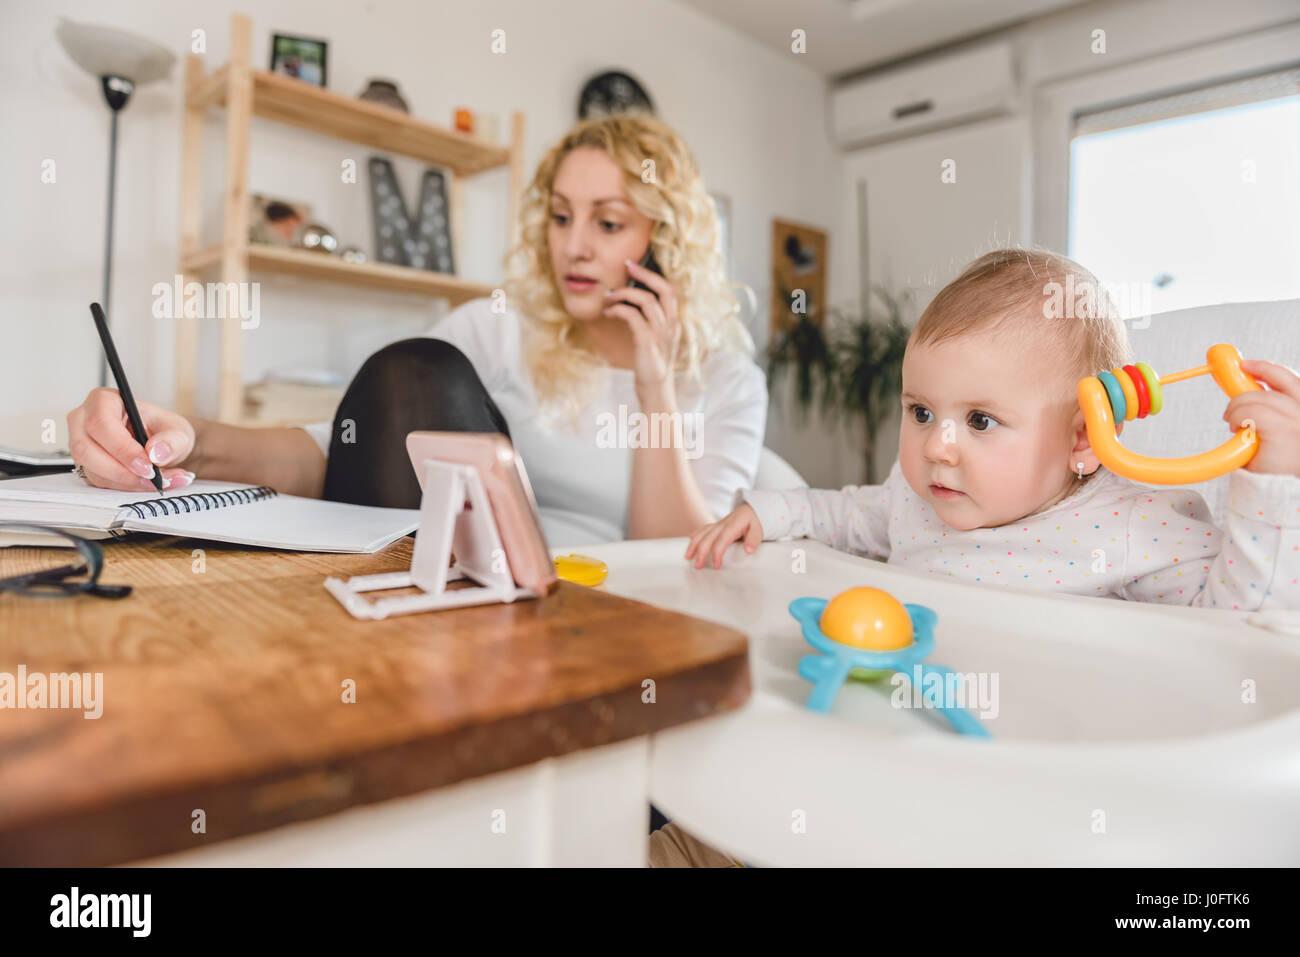 Emocionado bebé Ver teléfono inteligente mientras la madre hablando por teléfono inteligente y escribir Imagen De Stock